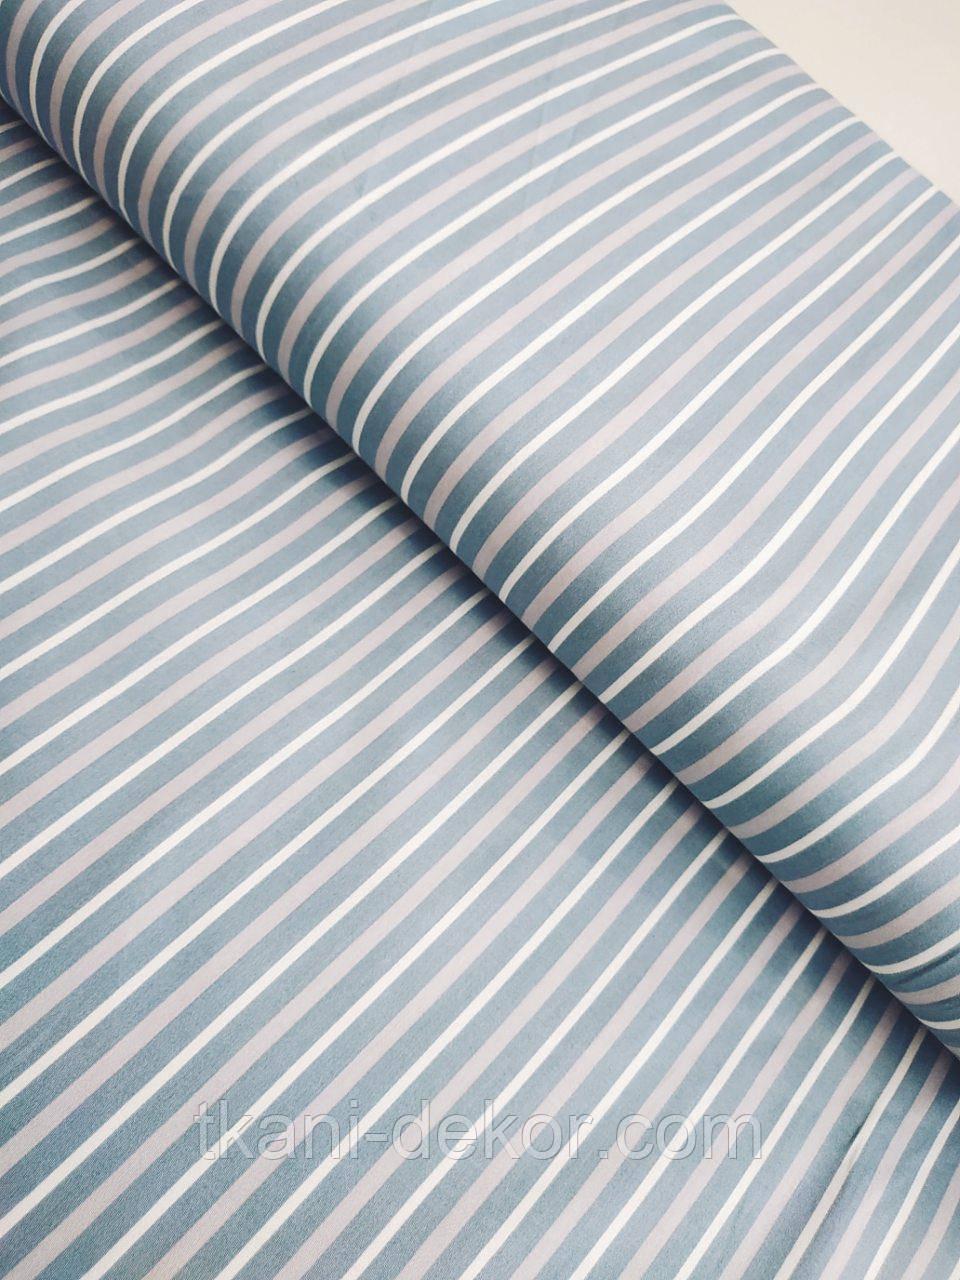 Сатин ( премиум ткань)  на сером полоска (компаньон к перышкам)(65*160)